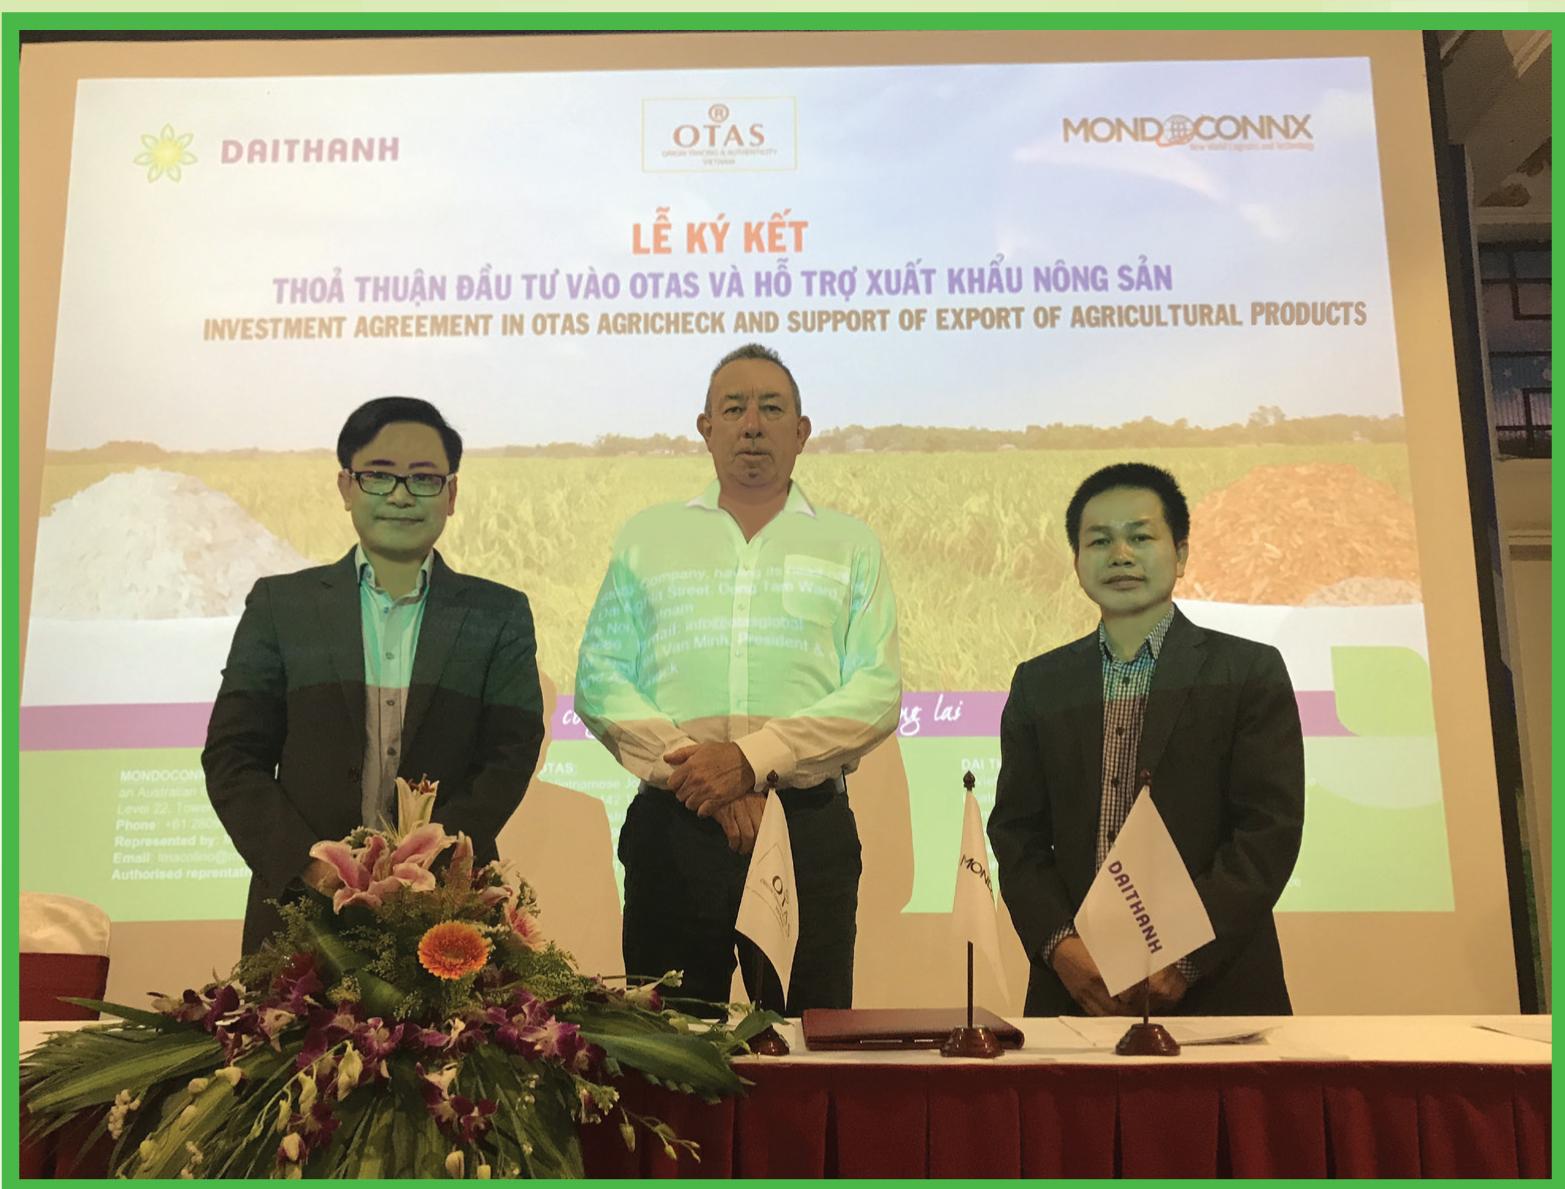 Ký kết thỏa thuận đầu tư vào Otas và hỗ trợ xuất khẩu nông sản